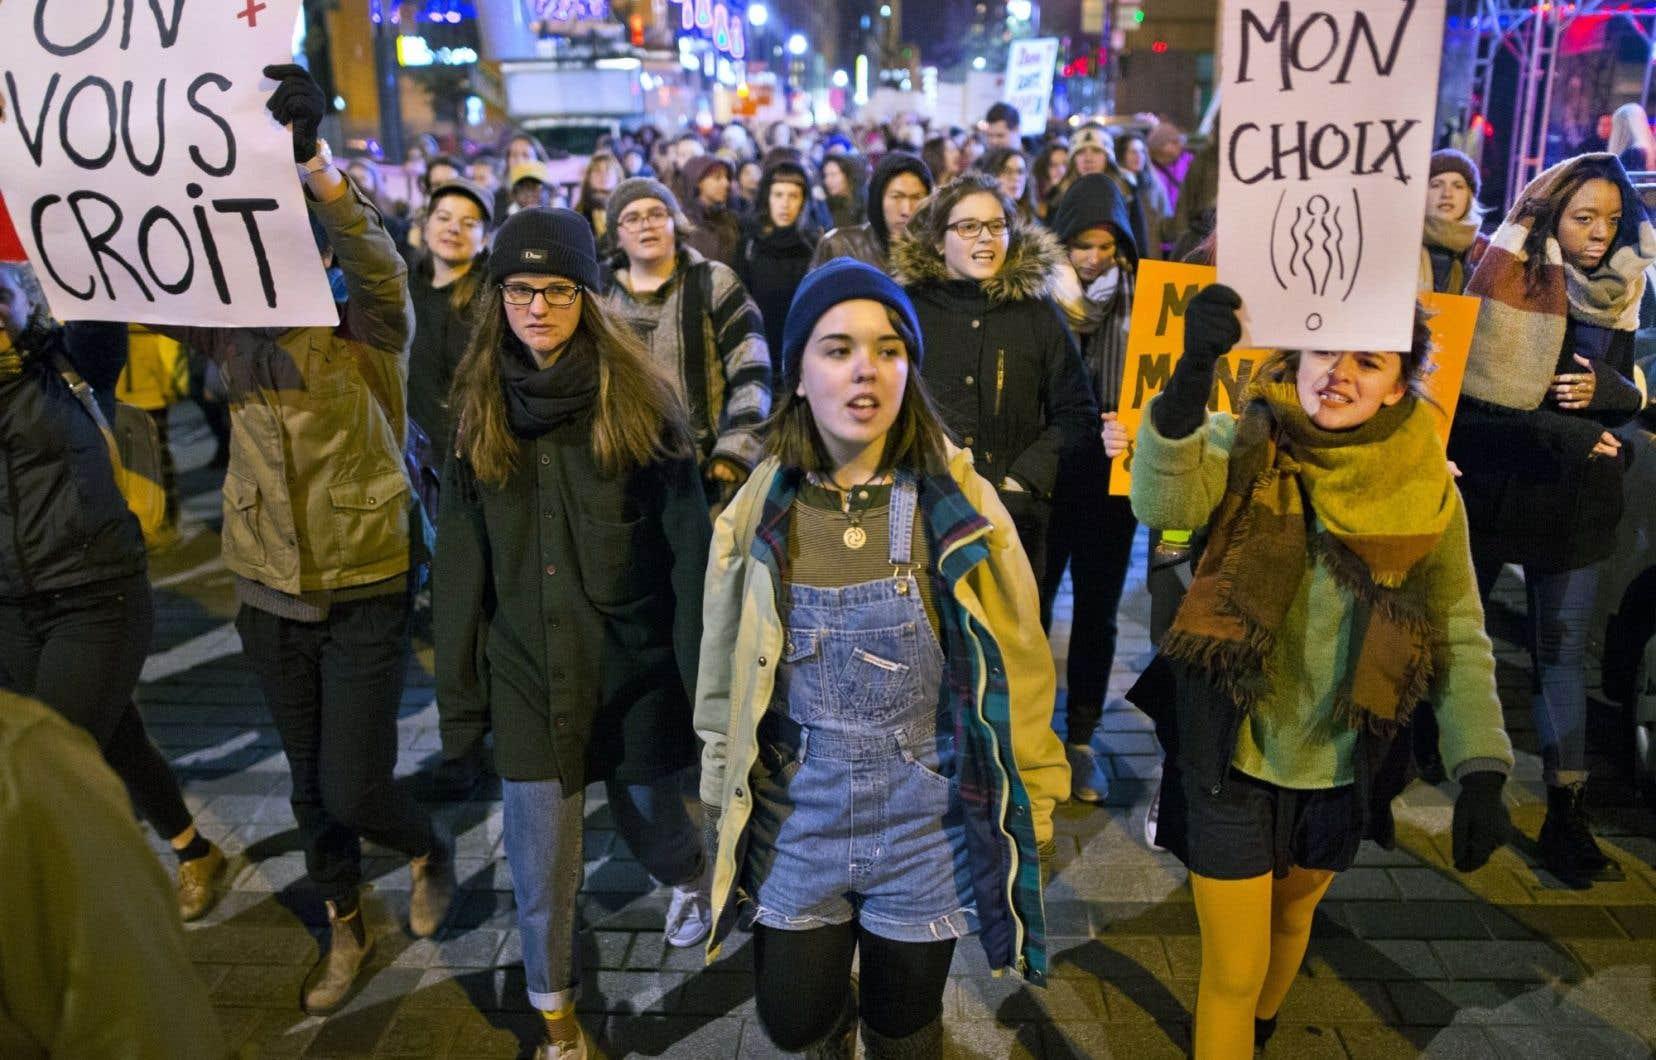 Des milliers de manifestants ont dénoncé la culture du viol mercredi, un peu partout au Québec. Une marche s'est tenue à Montréal (notre photo).